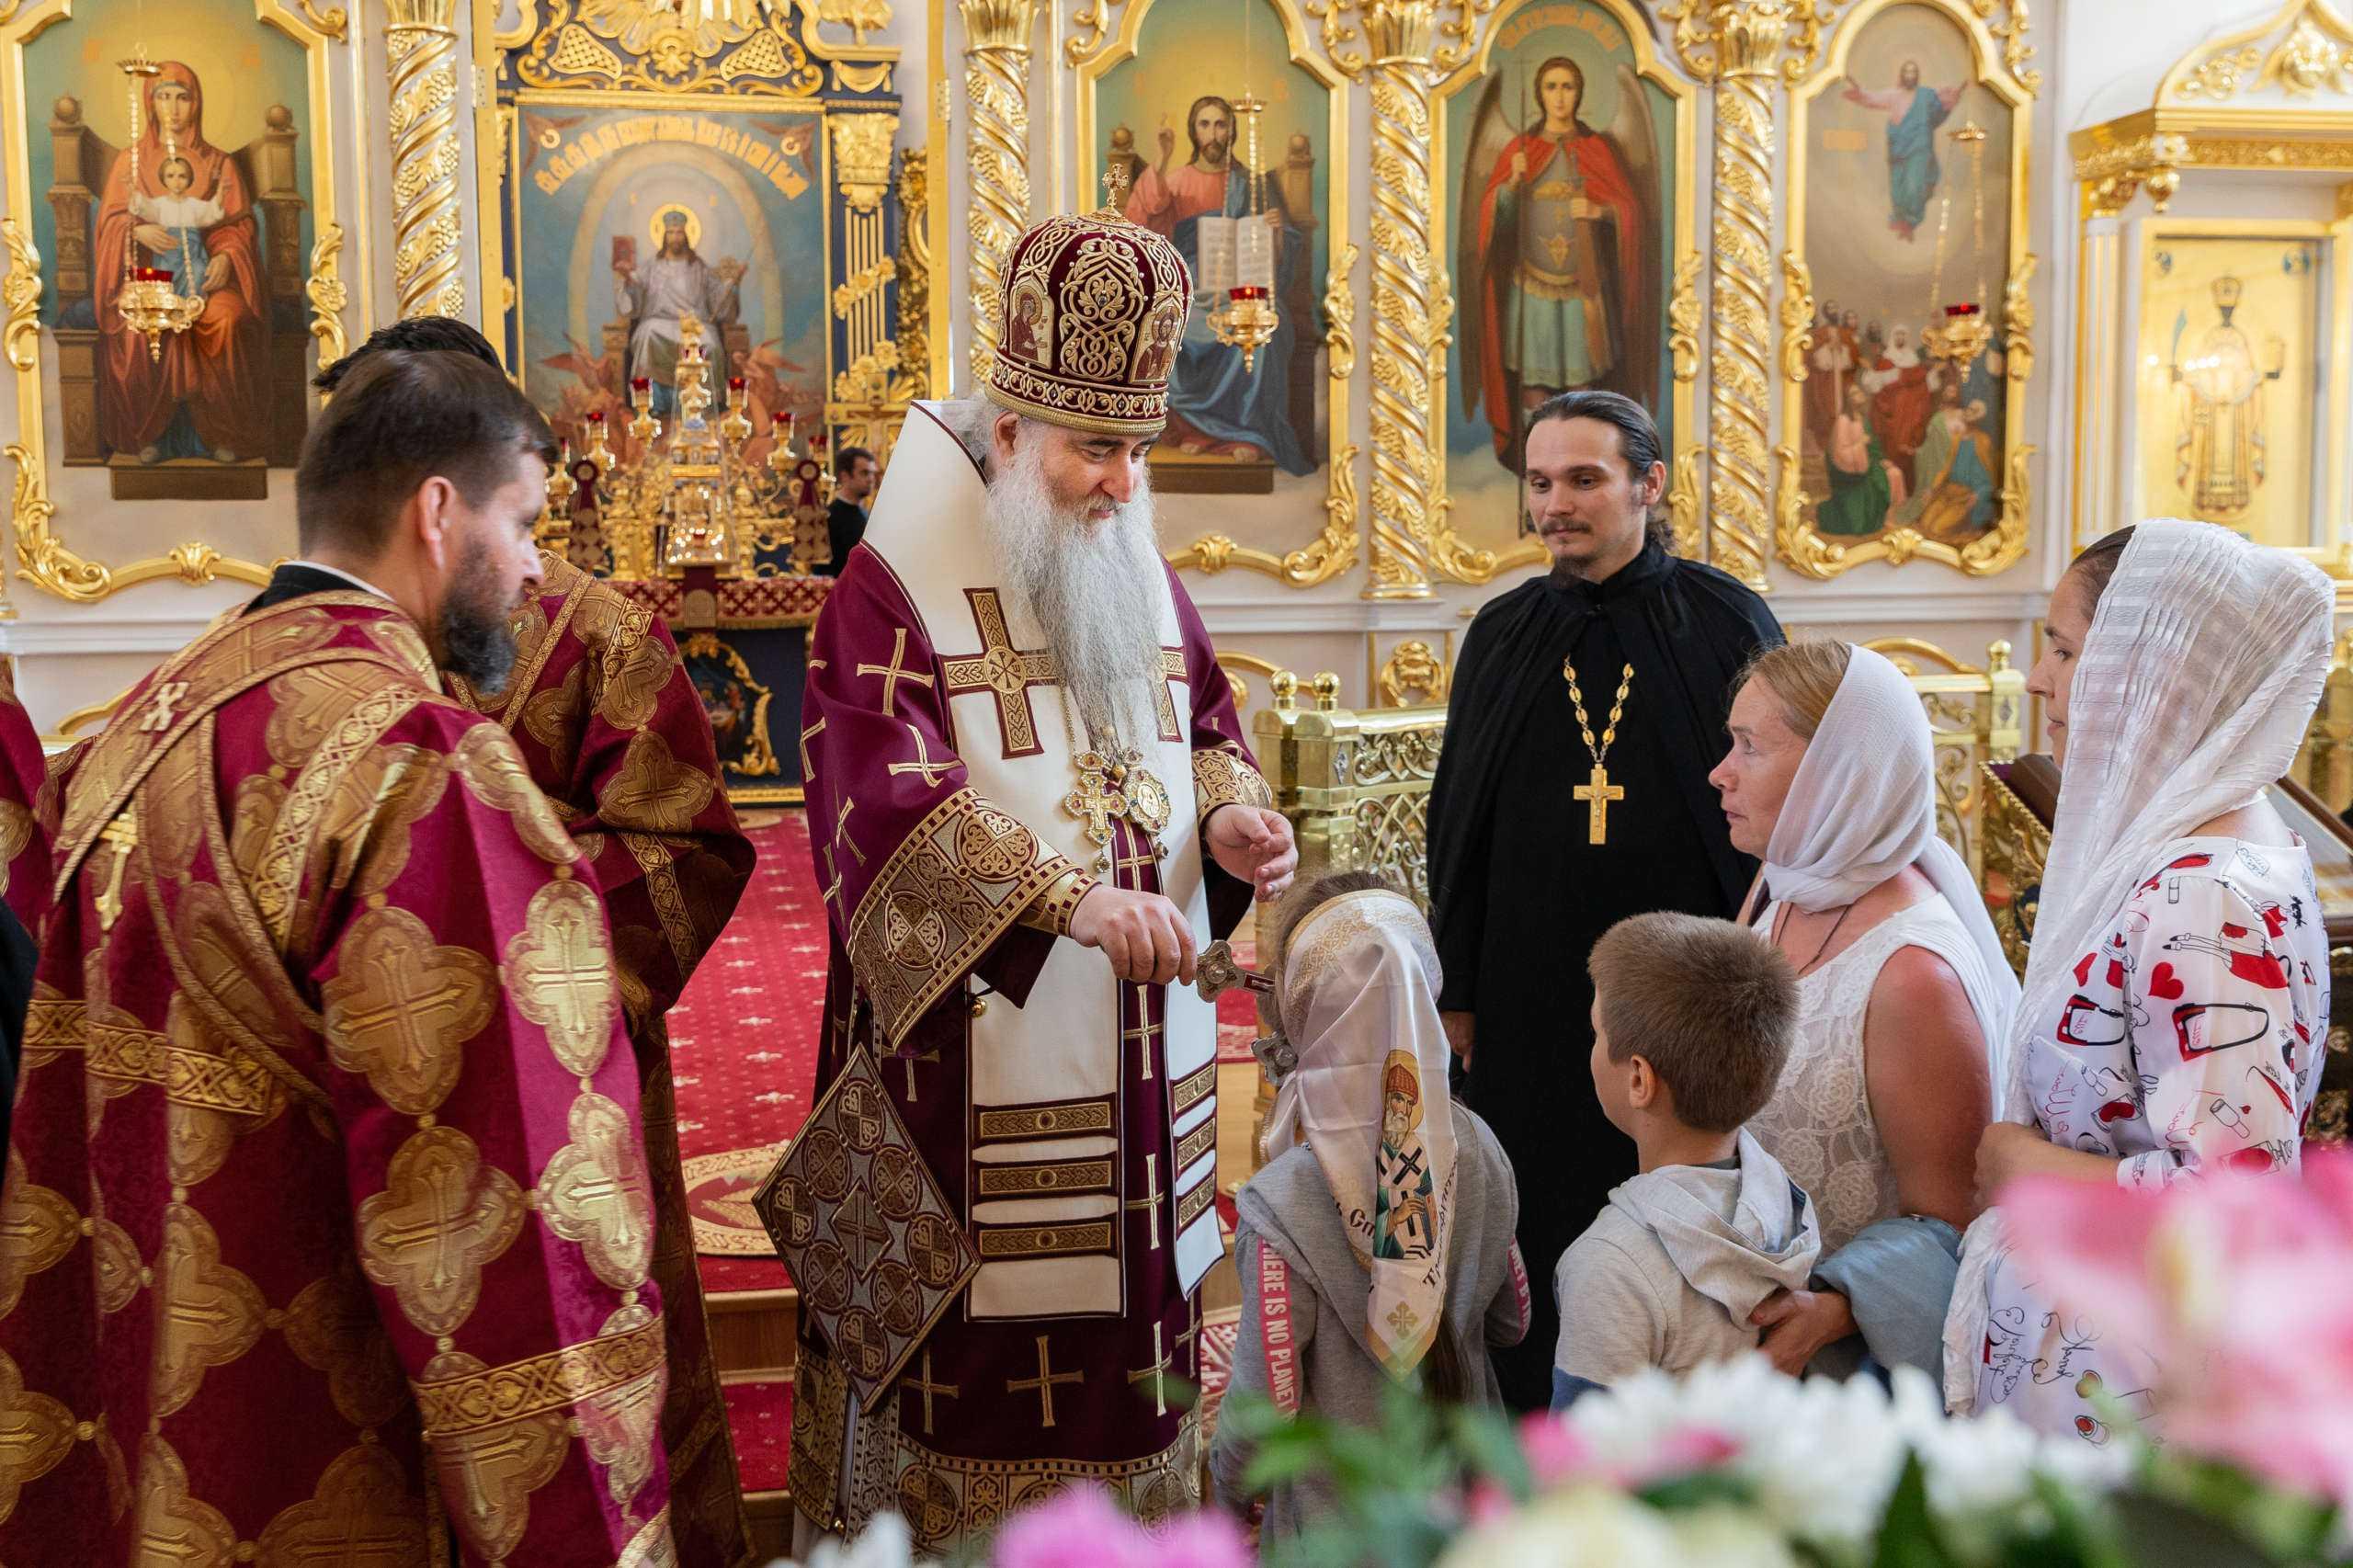 Митрополит Лонгин принимает поздравления со значимой юбилейной датой